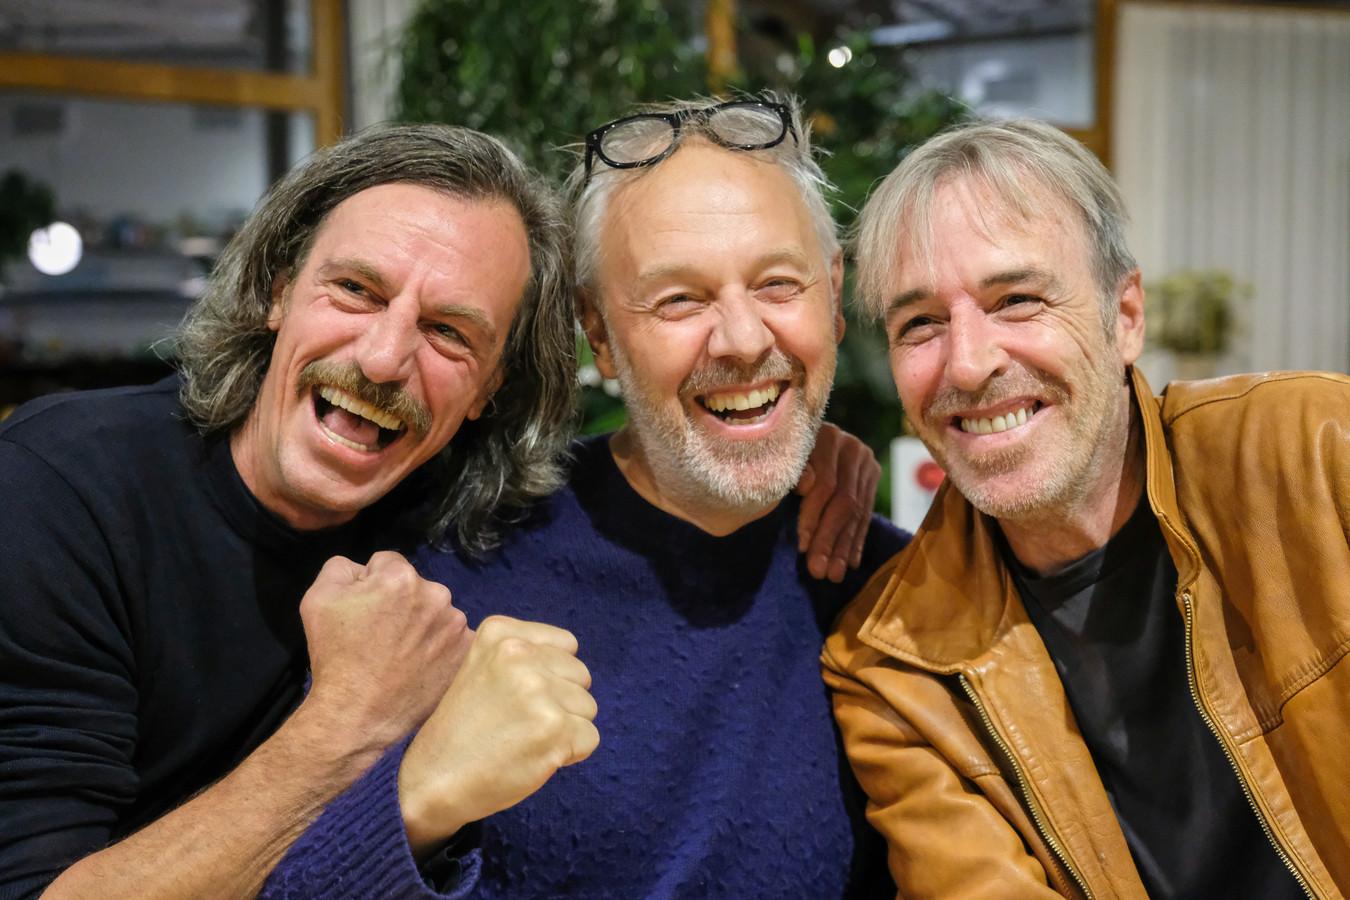 Smos (44), Jan Van Biesen (52) en Sven Van Hees (51) spelen zaterdag samen in Café Capital in het Antwerpse Stadspark op Oldskool Clubbing.